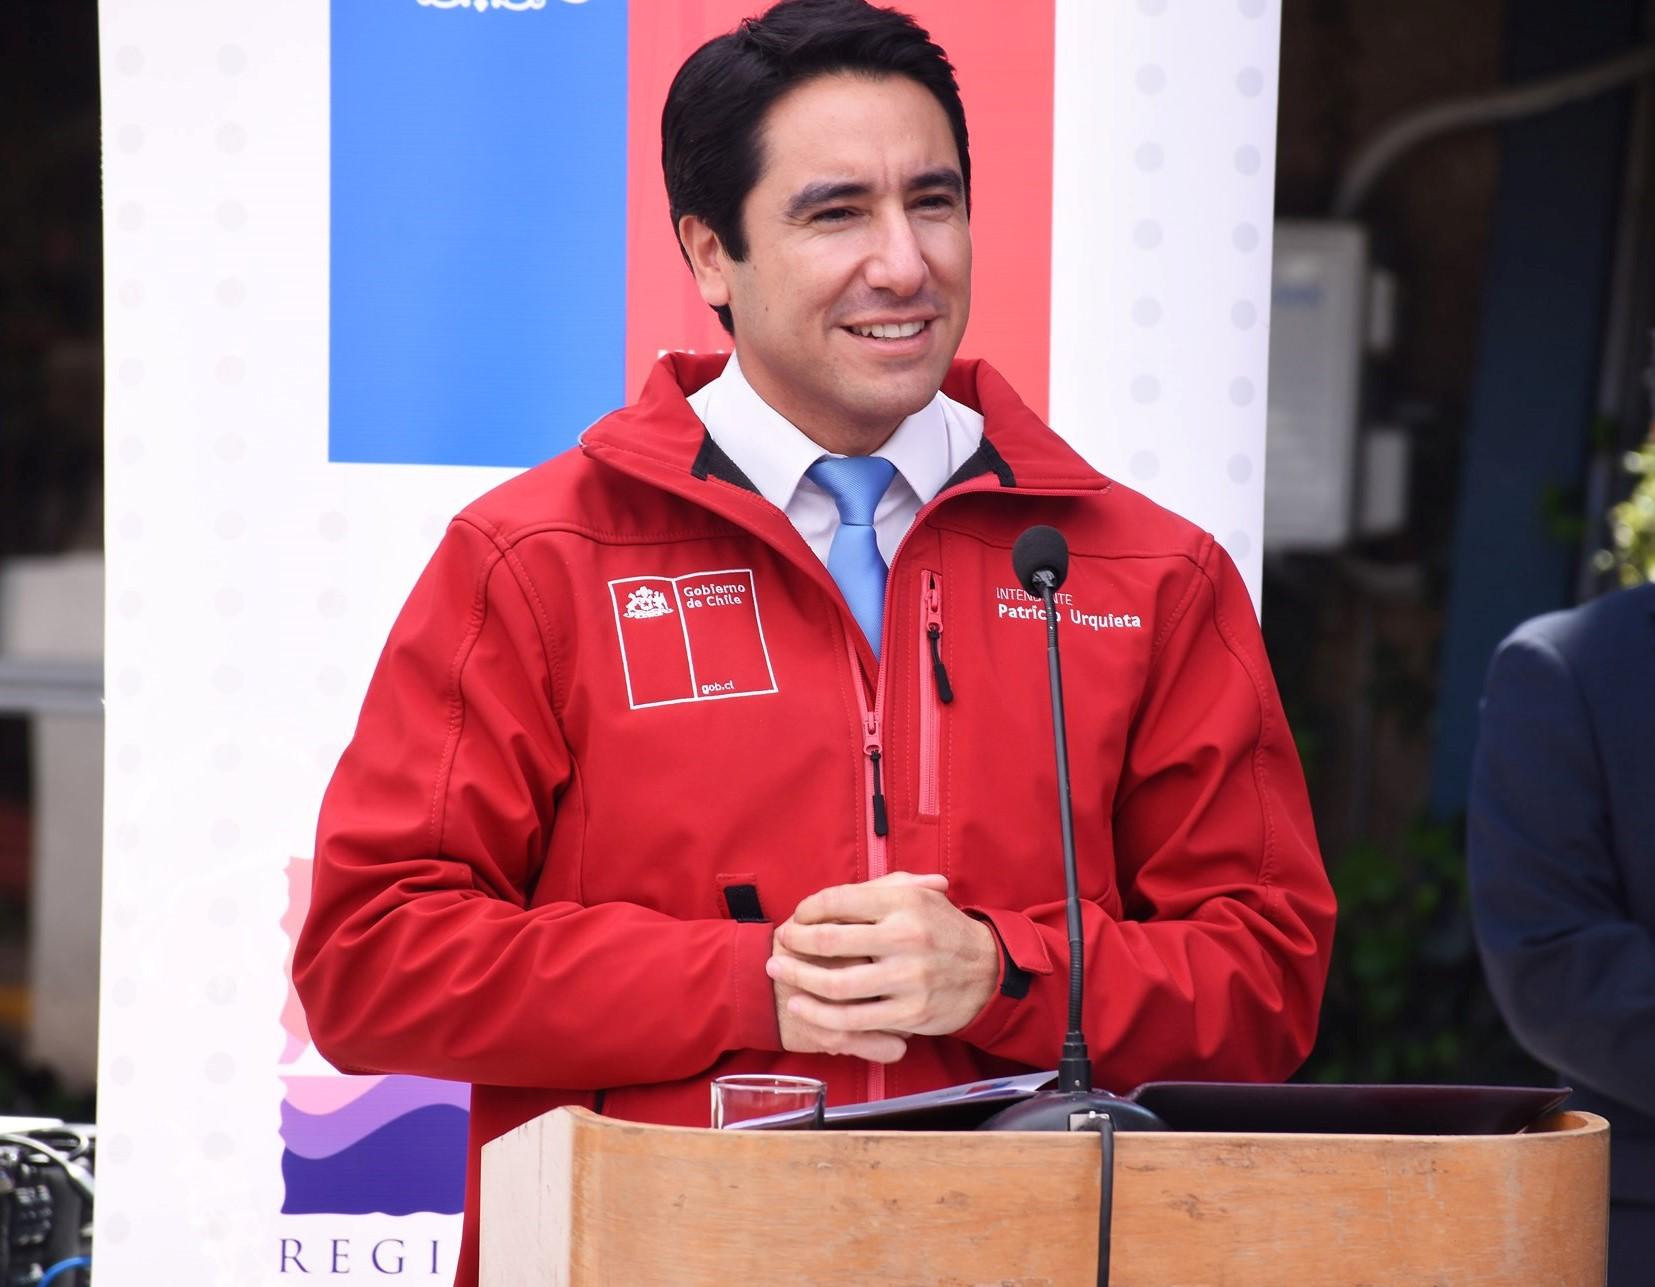 Intendente Urquieta hace un llamado a unir voluntades en torno a los tres grandes acuerdos nacionales